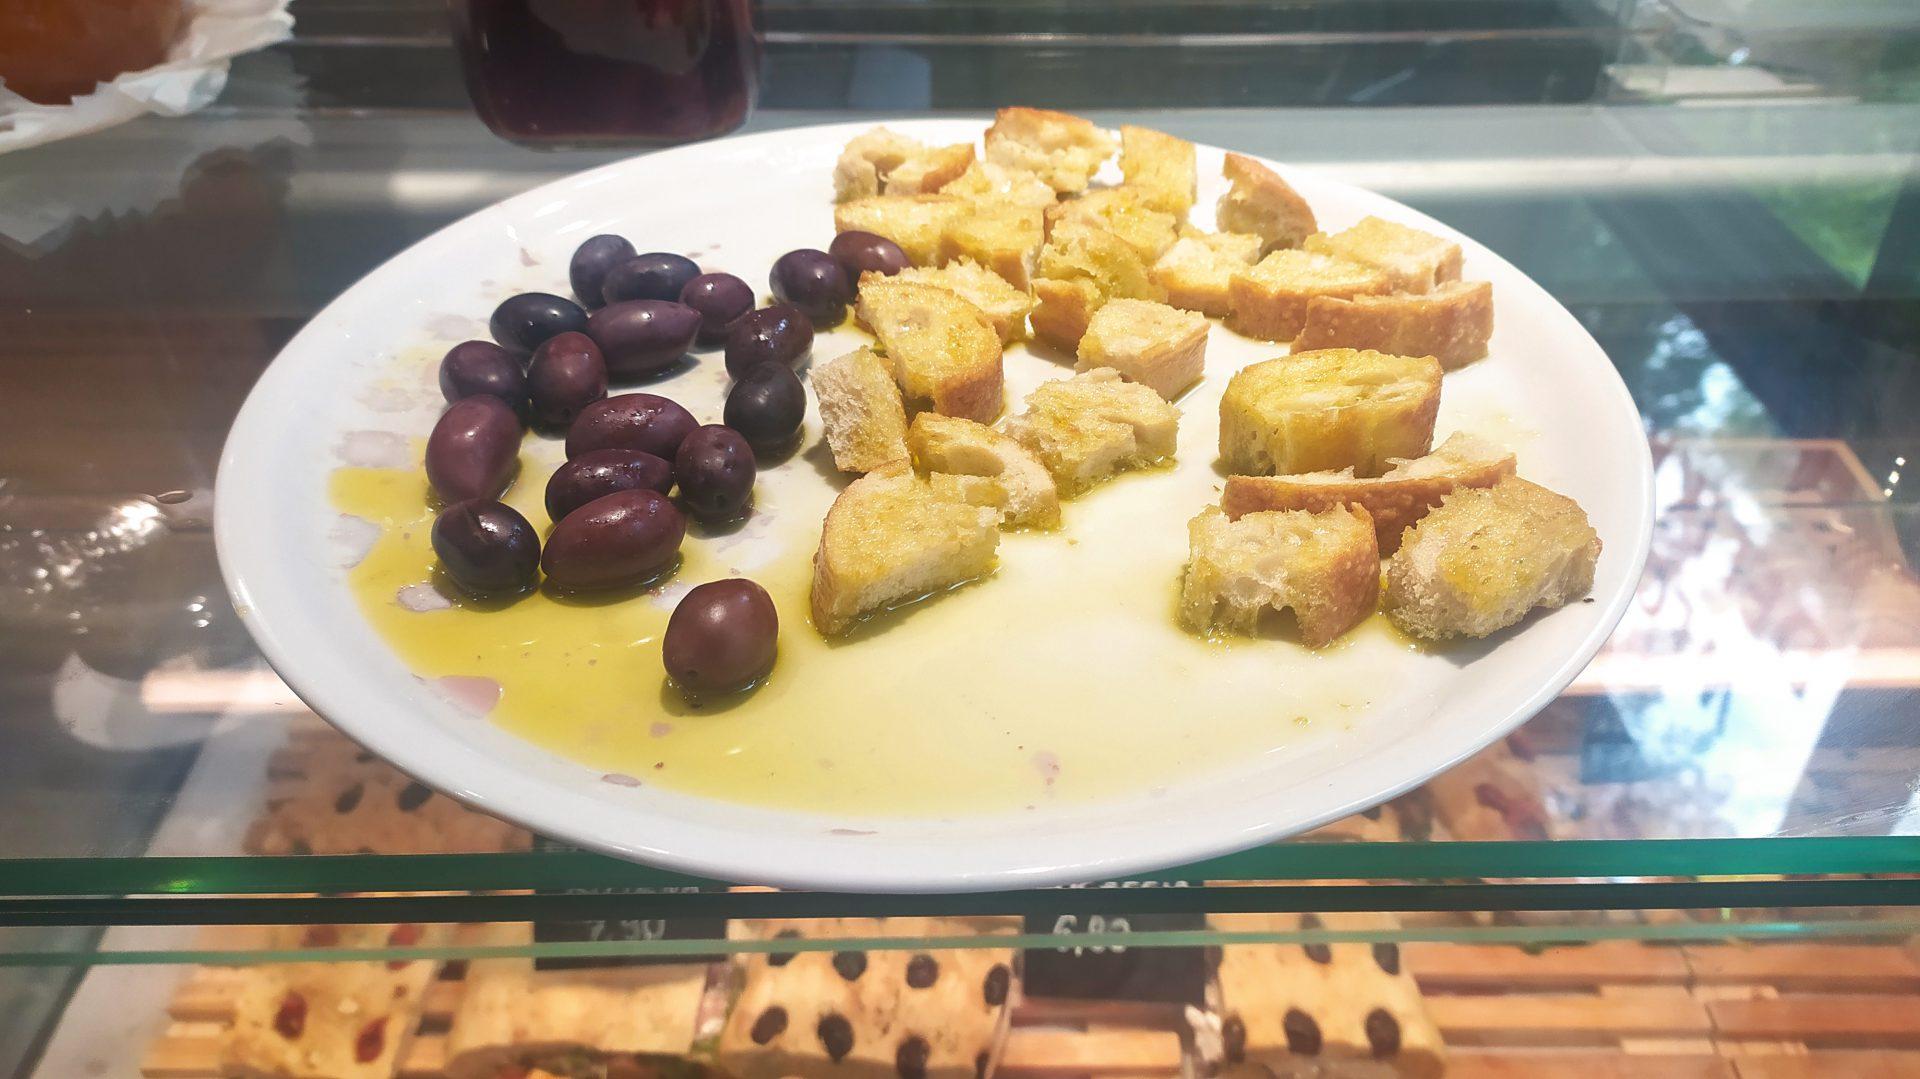 W delikatesach znajdziecie między innymi pieczywo, oliwki, oliwę, wędliny i sery.